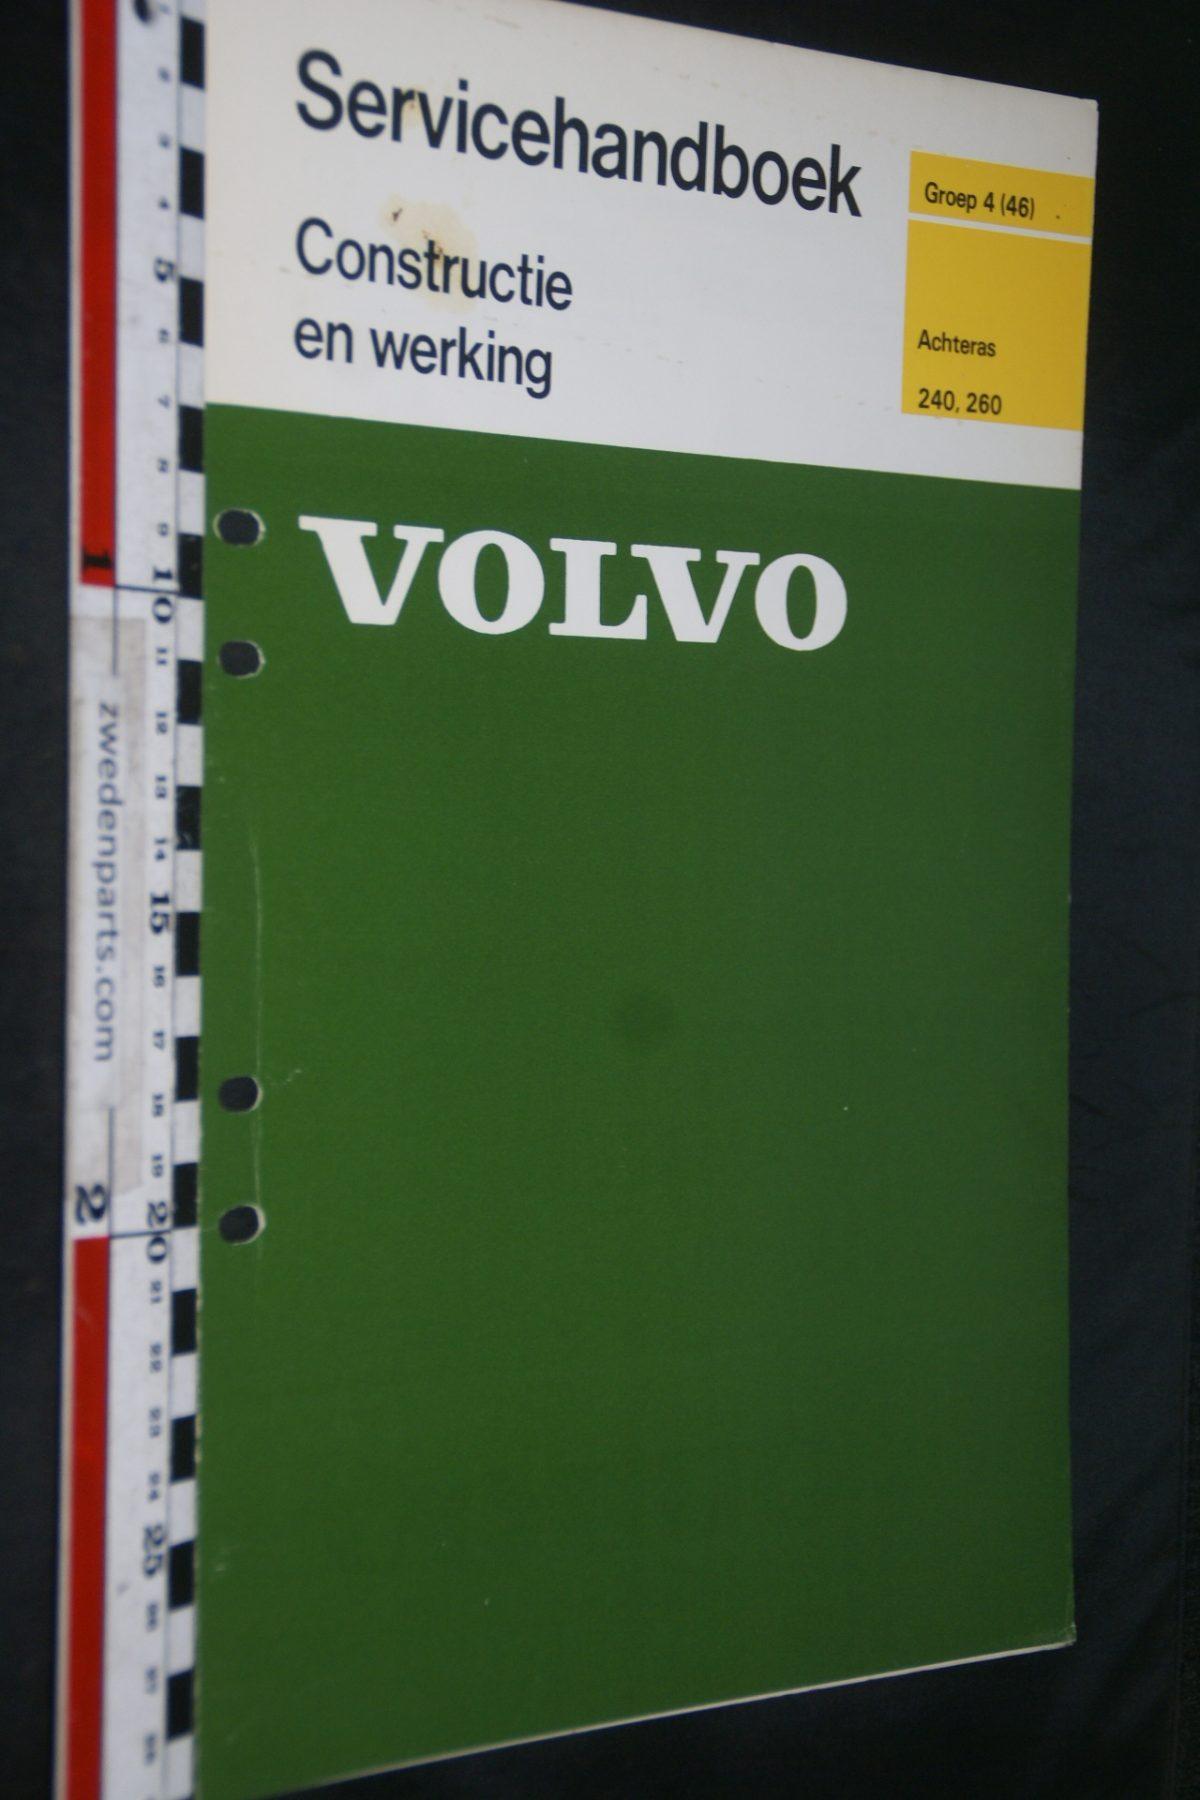 DSC06740 1976 origineel Volvo 240, 260 servicehandboek 4 (46) achteras 1 van 750 TP 11567-1